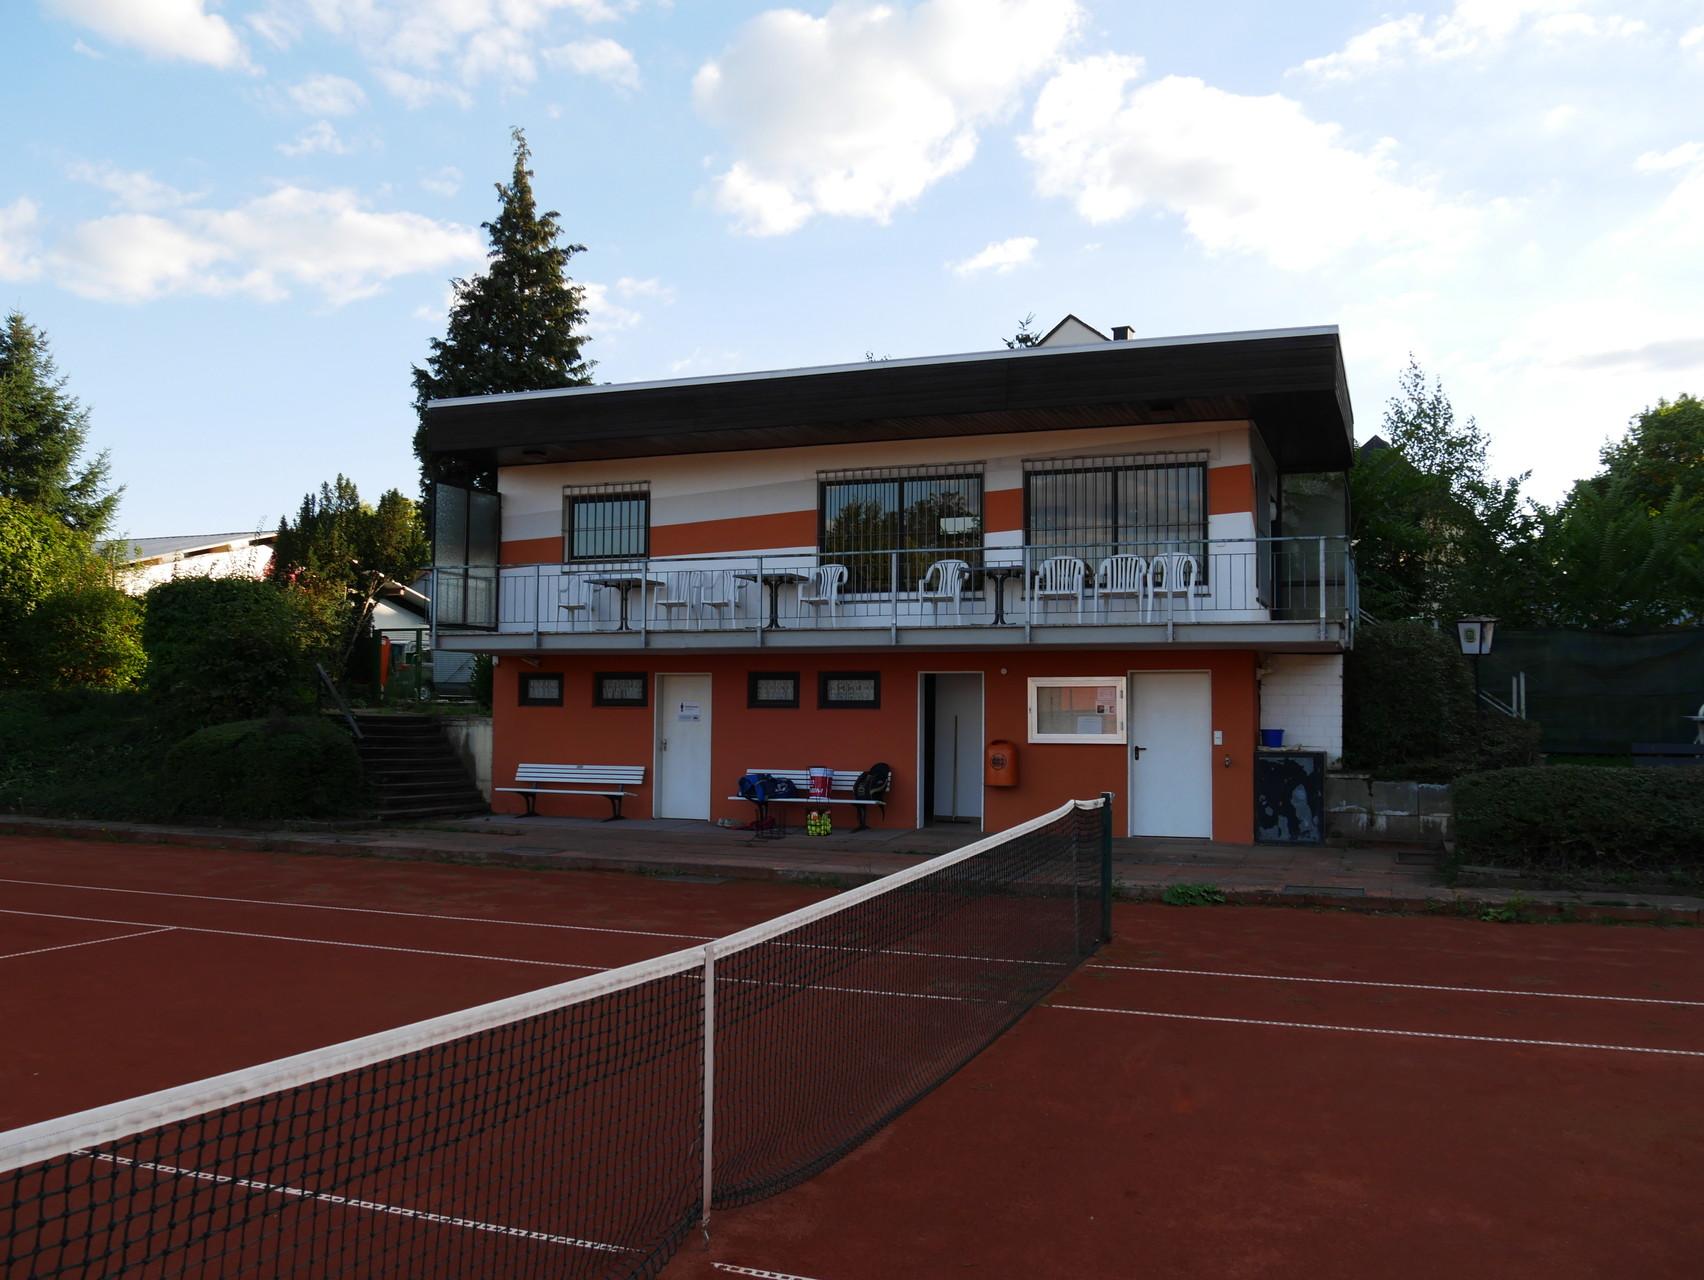 Unsere Anlage - MJC Tennis Homepage